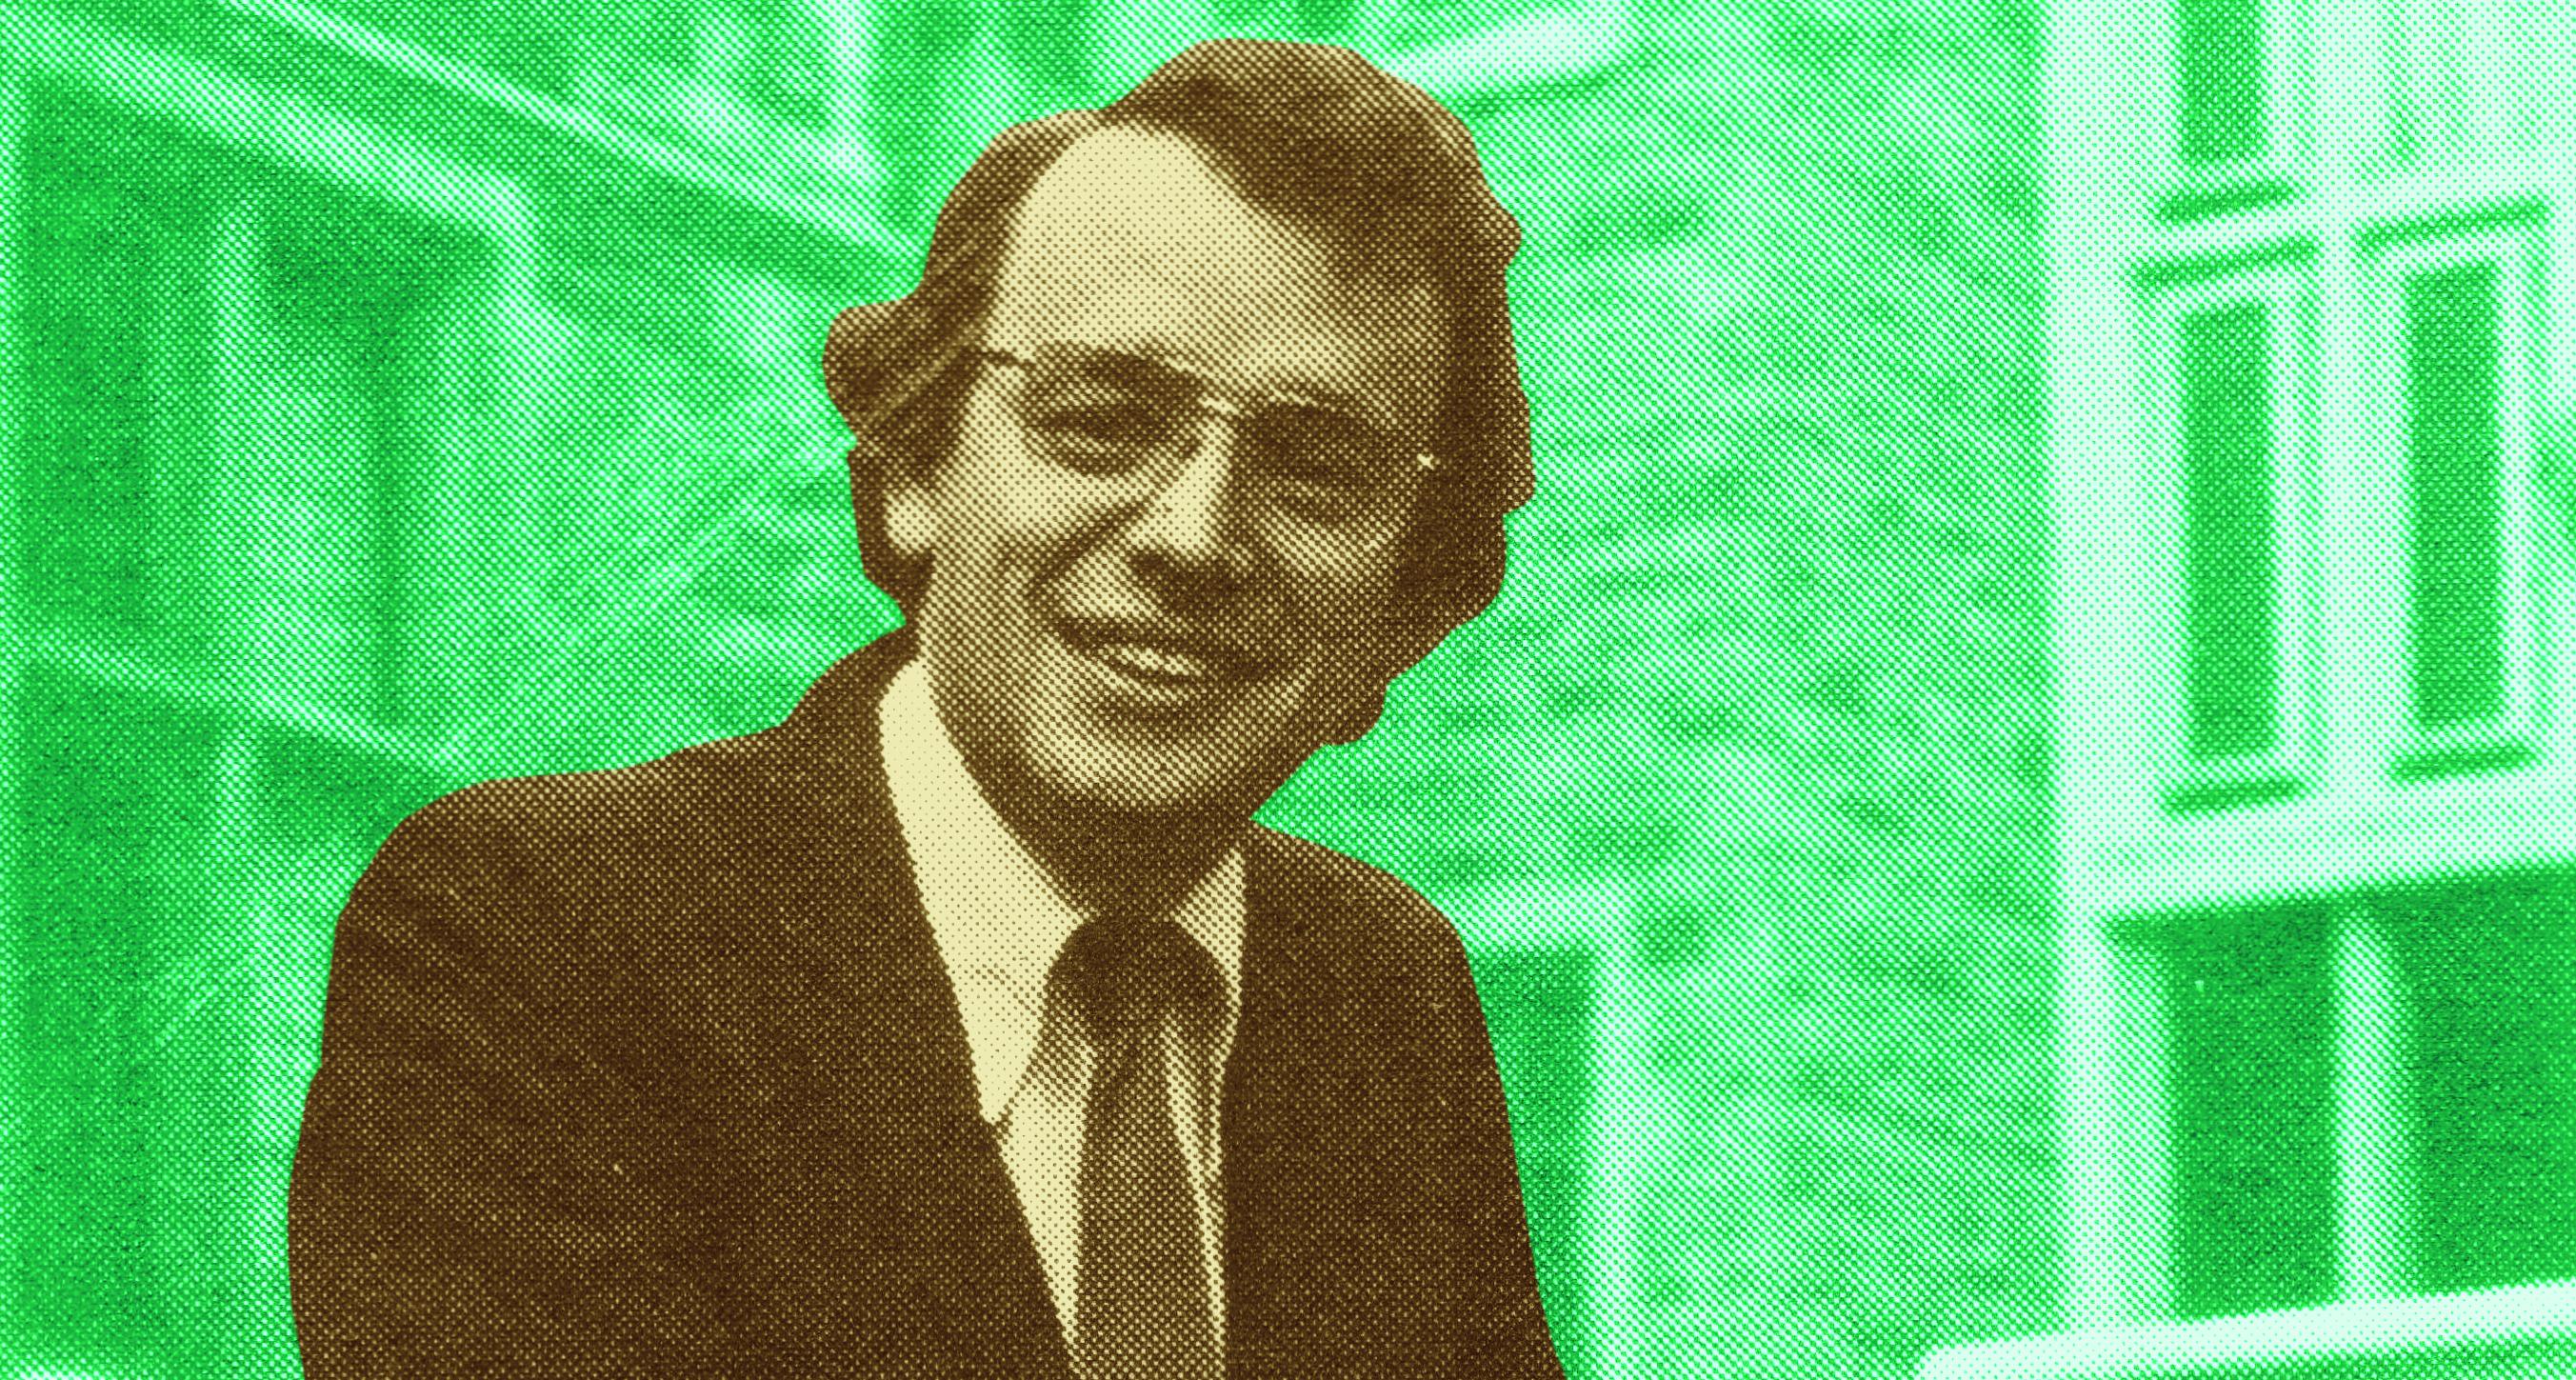 david neelands, 1973